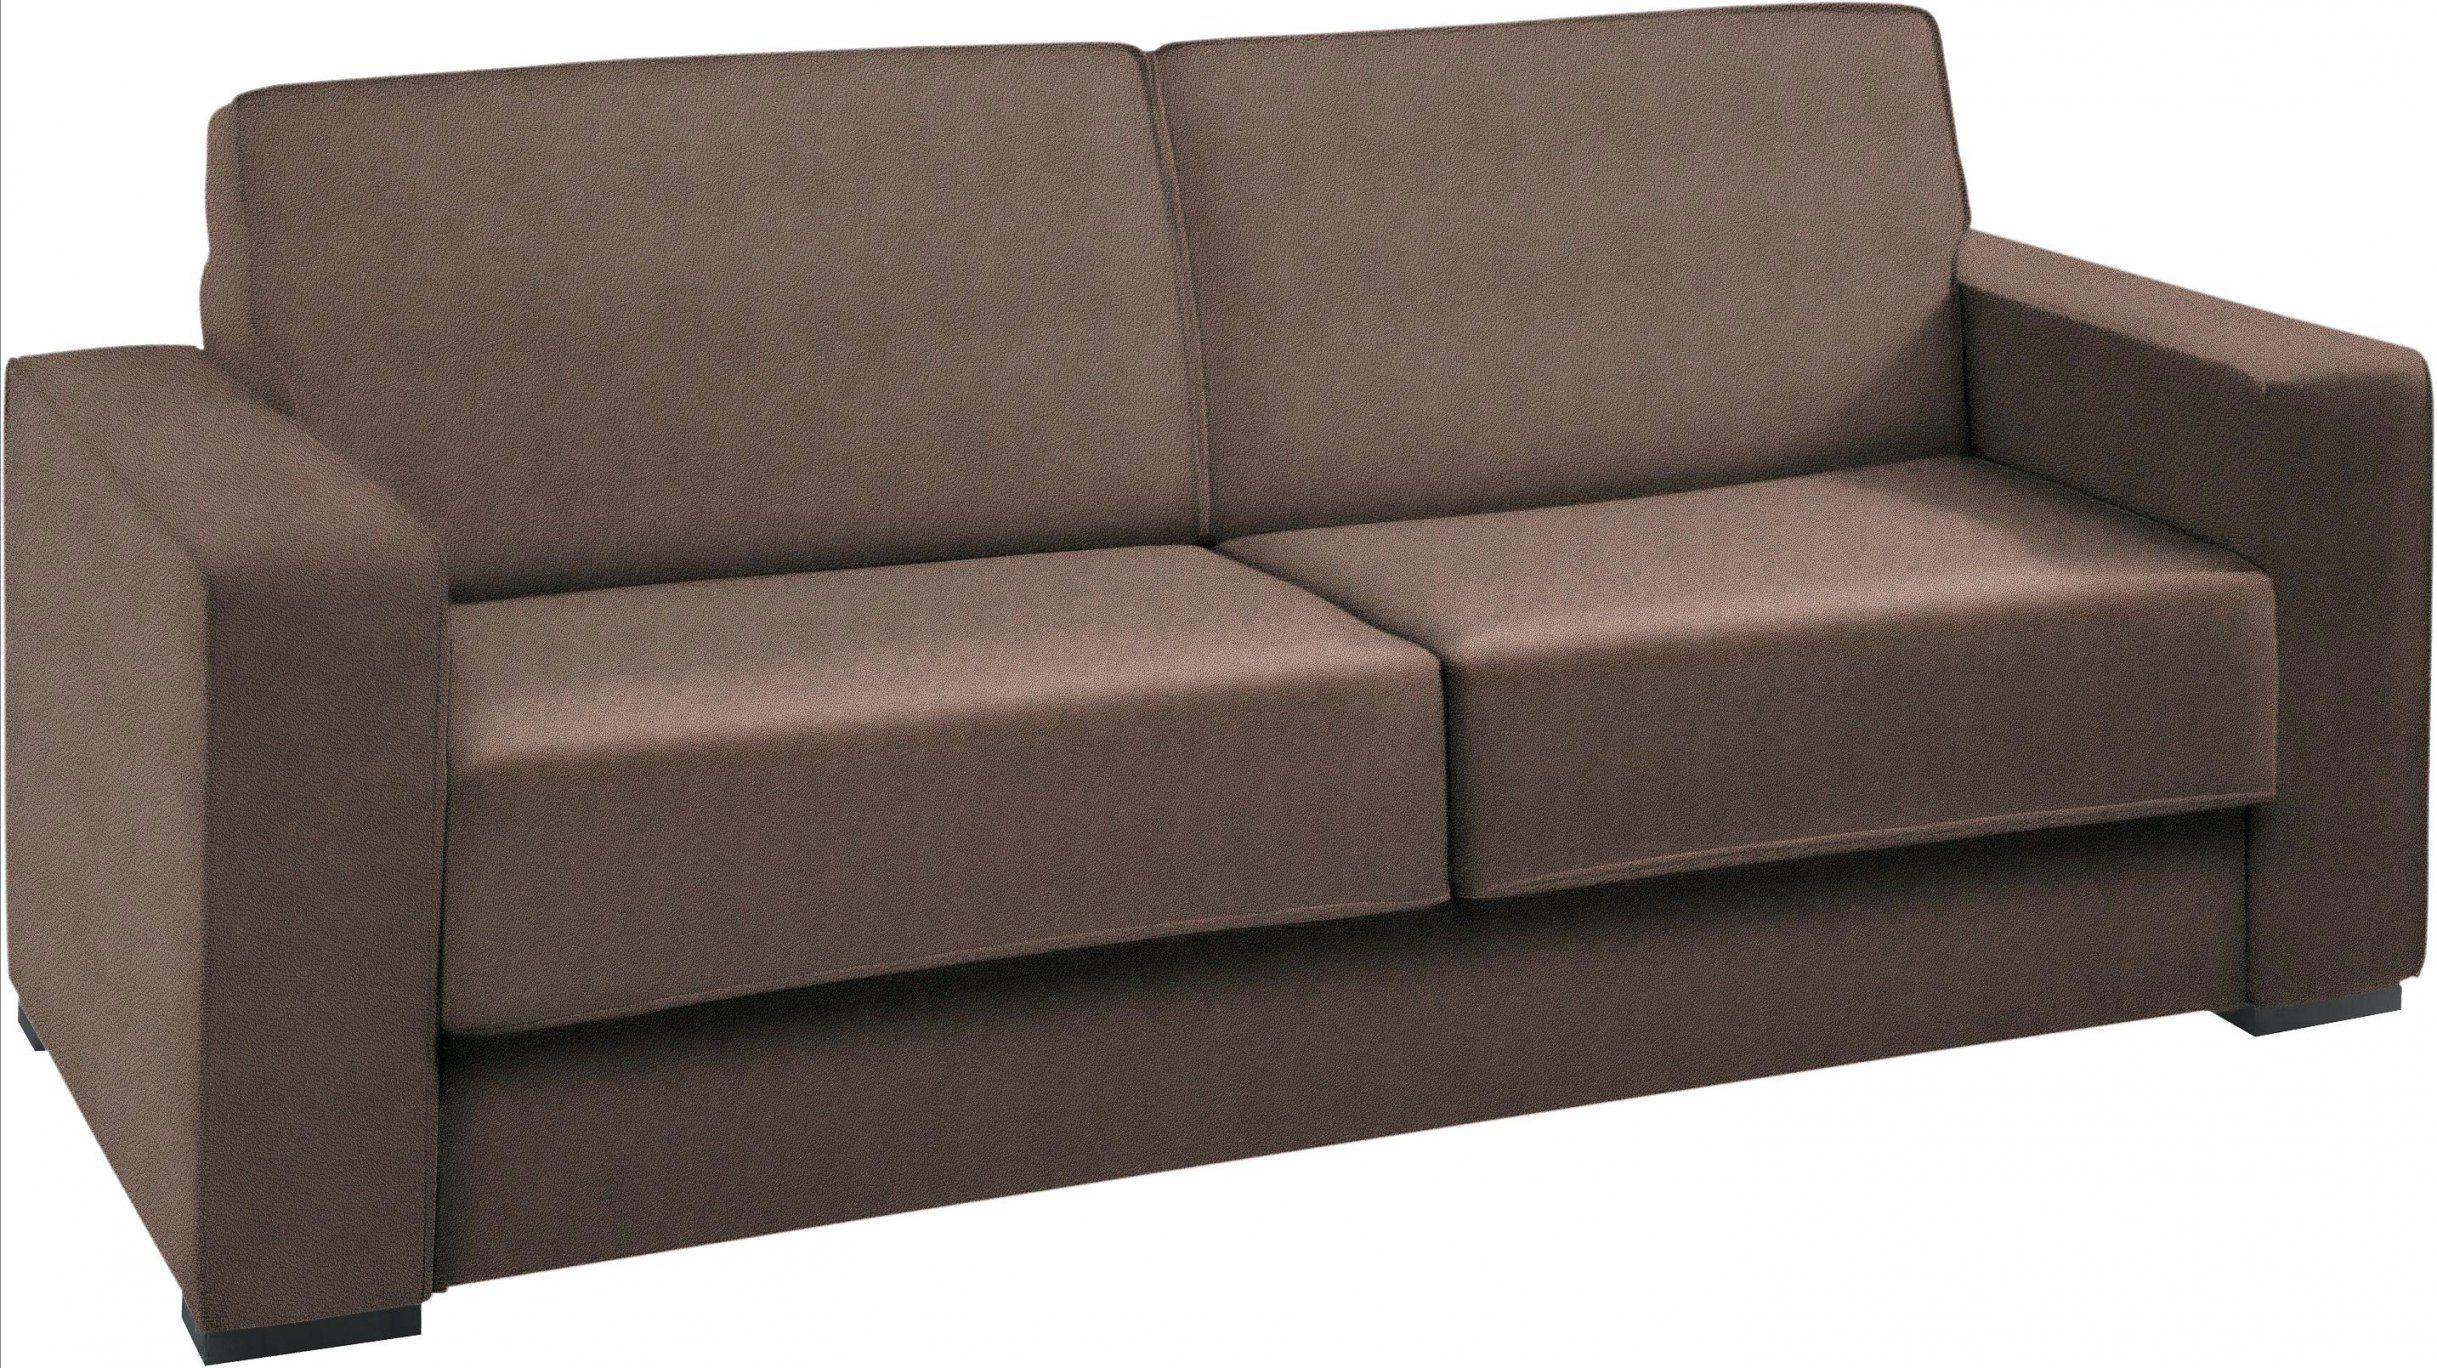 Schlafsofa 140 Cm Roller Von Schlafsofa 140 Breit Ikea Photo Schlafsofa Schlafsofa 140 Breit Wohnzimmer Sofa